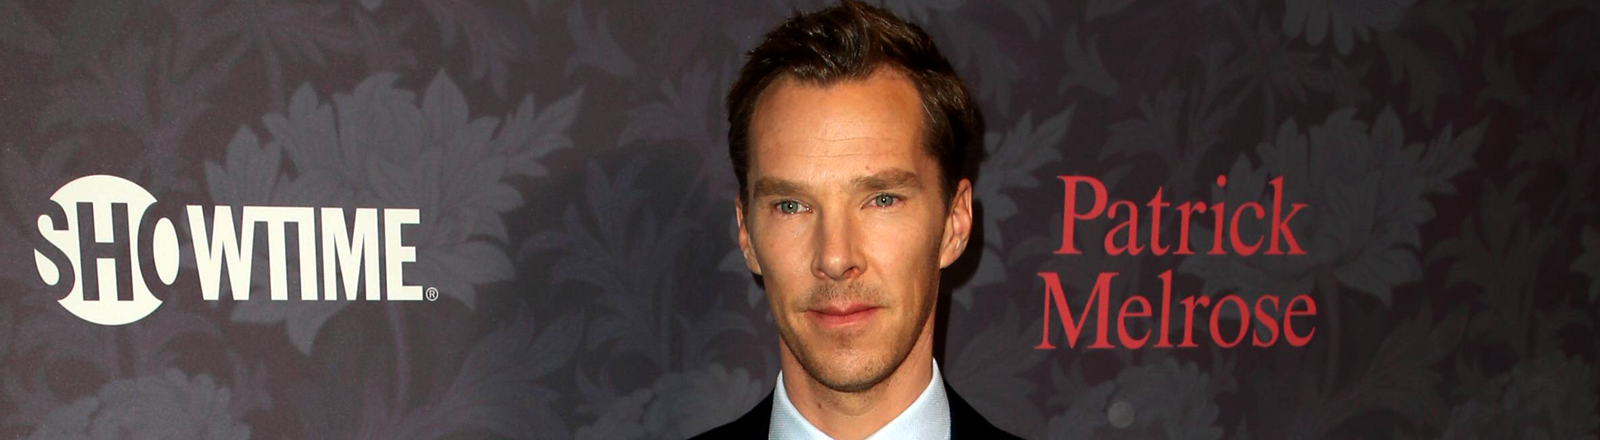 Der Schauspieler Benedict Cumberbatch bei der Premiere von Patrick Melrose